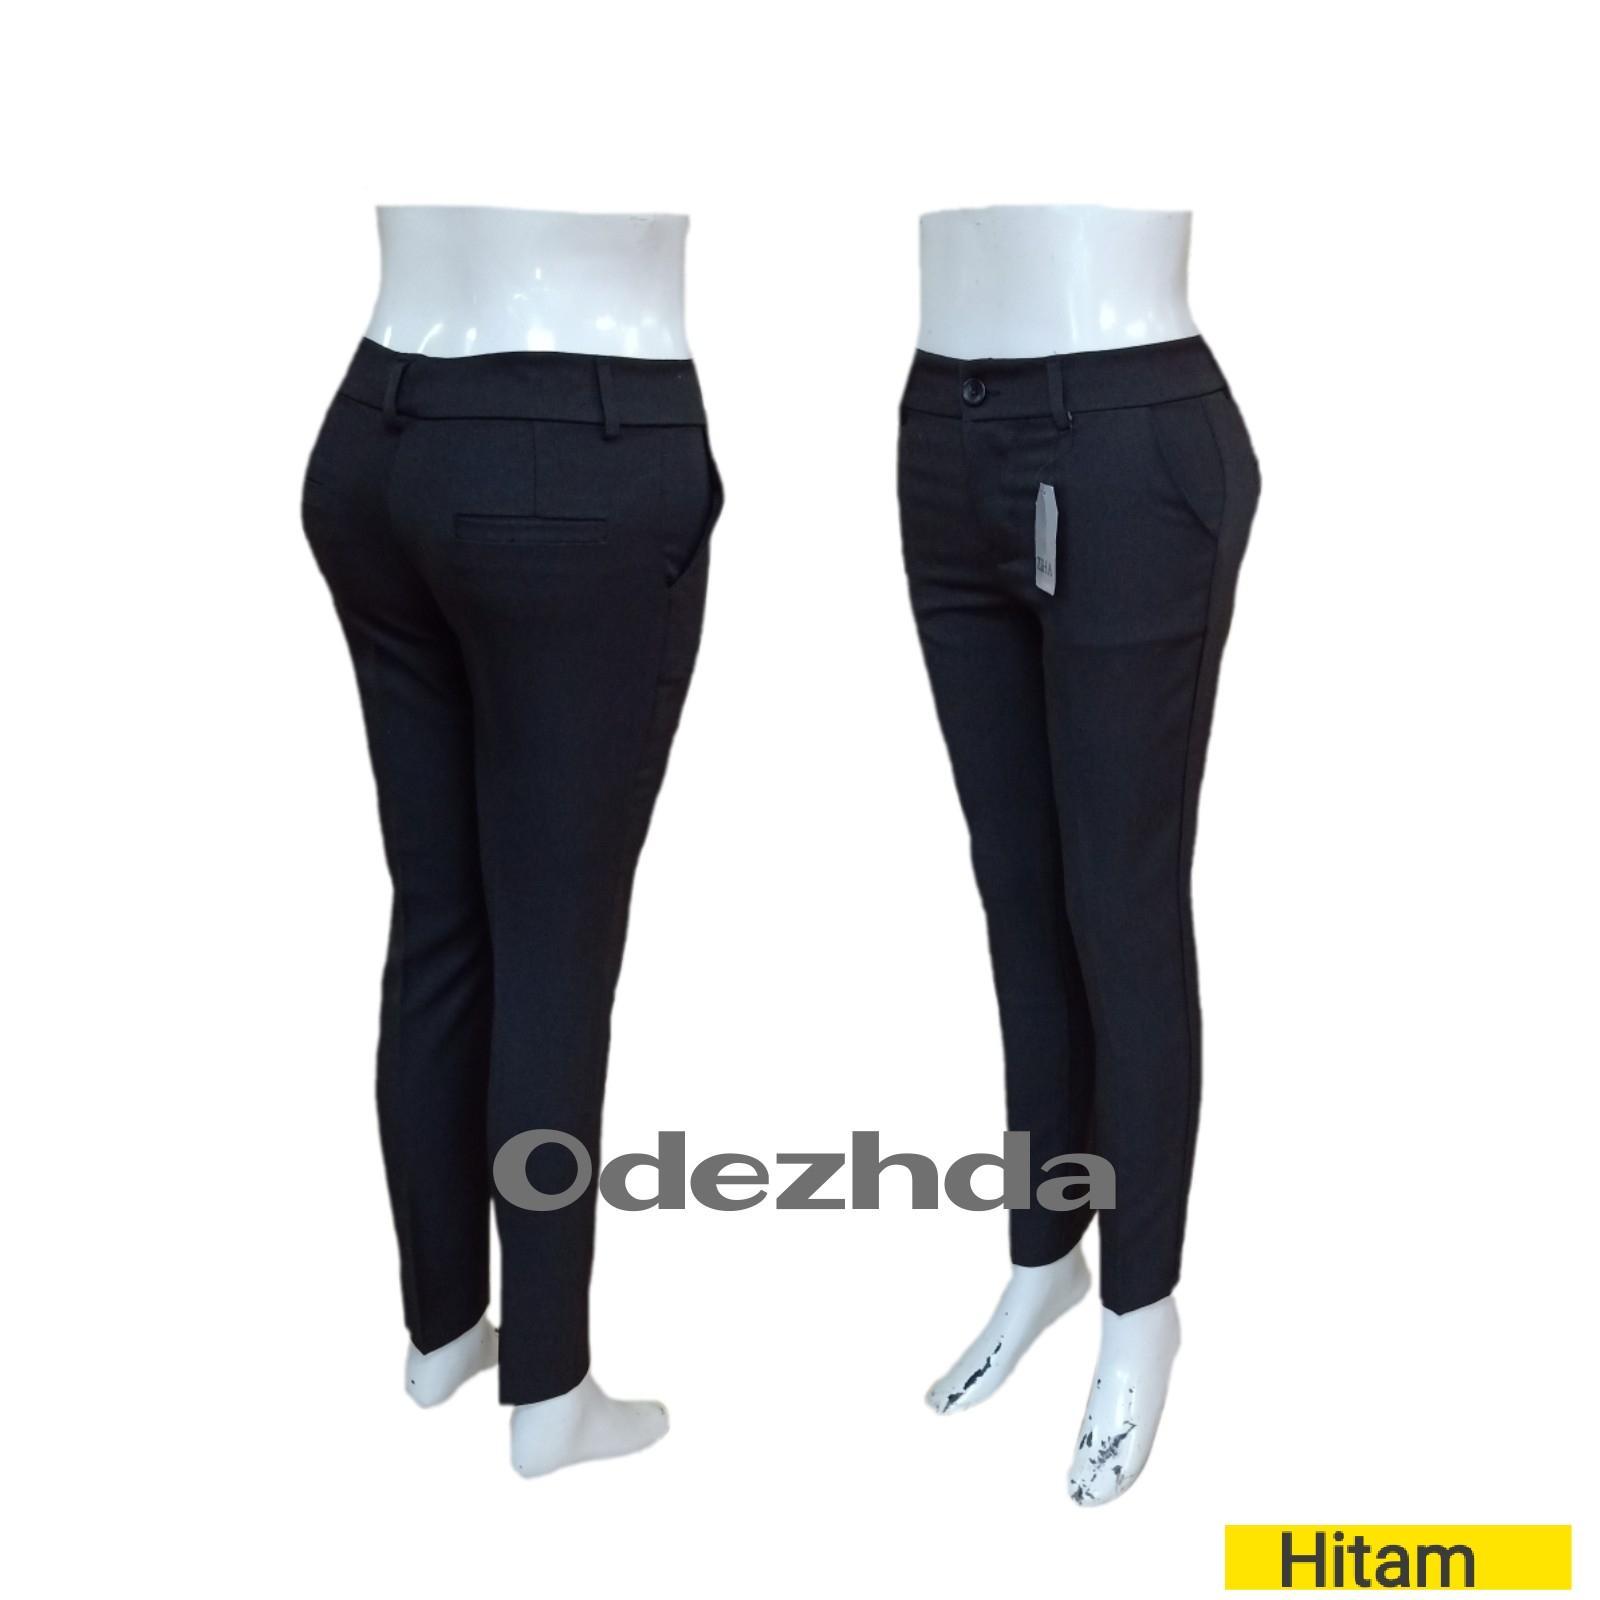 Odezhda store celana kerja wanita/celana formal wanita/celana panjang kantor wanita model pensil bagus dan trendy